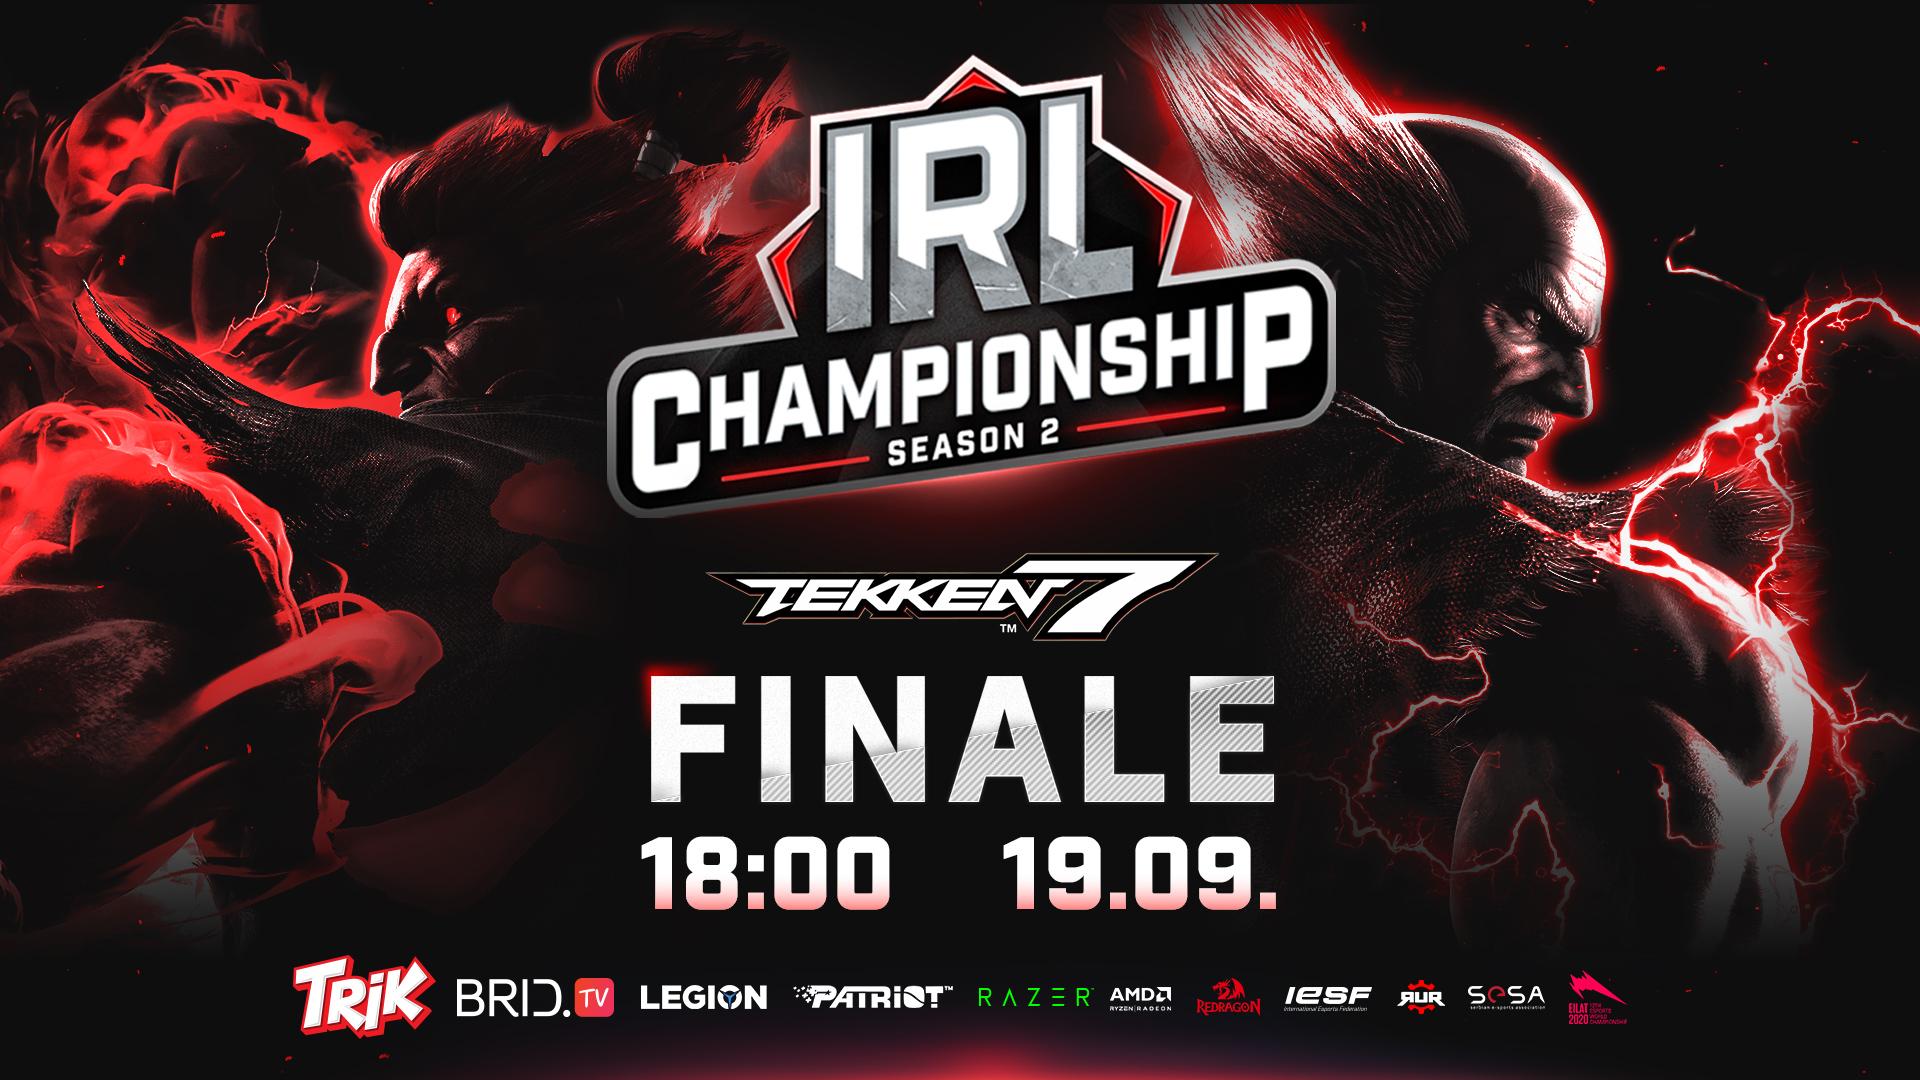 tekken-finale-irl2020